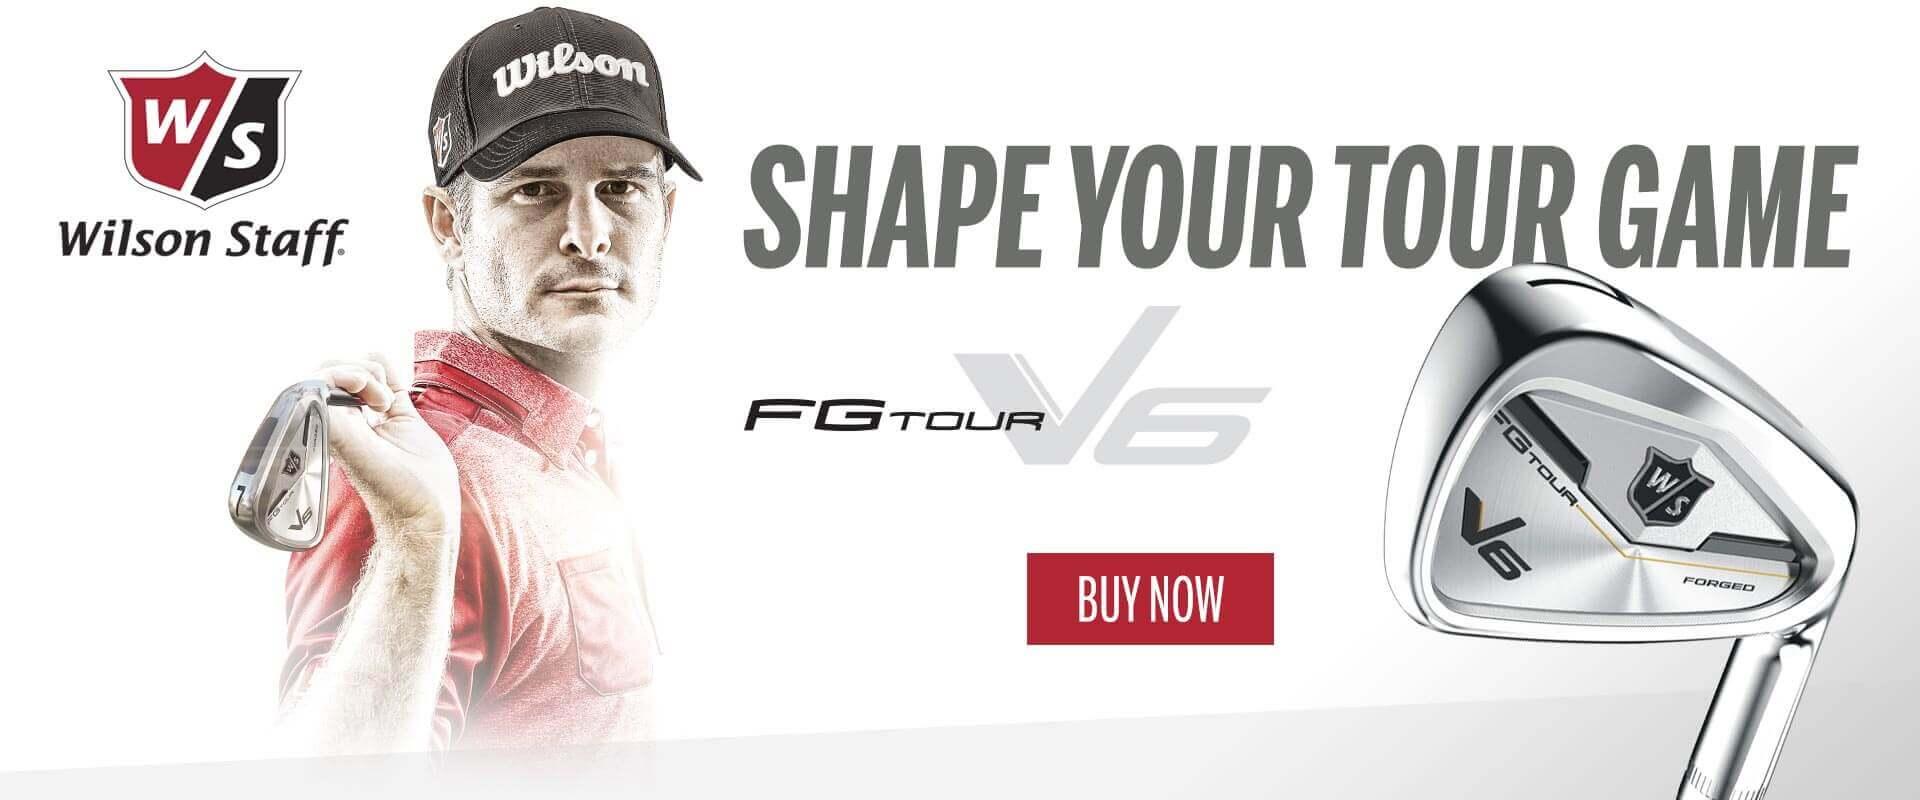 Shape Your Tour Game - FG Tour V6